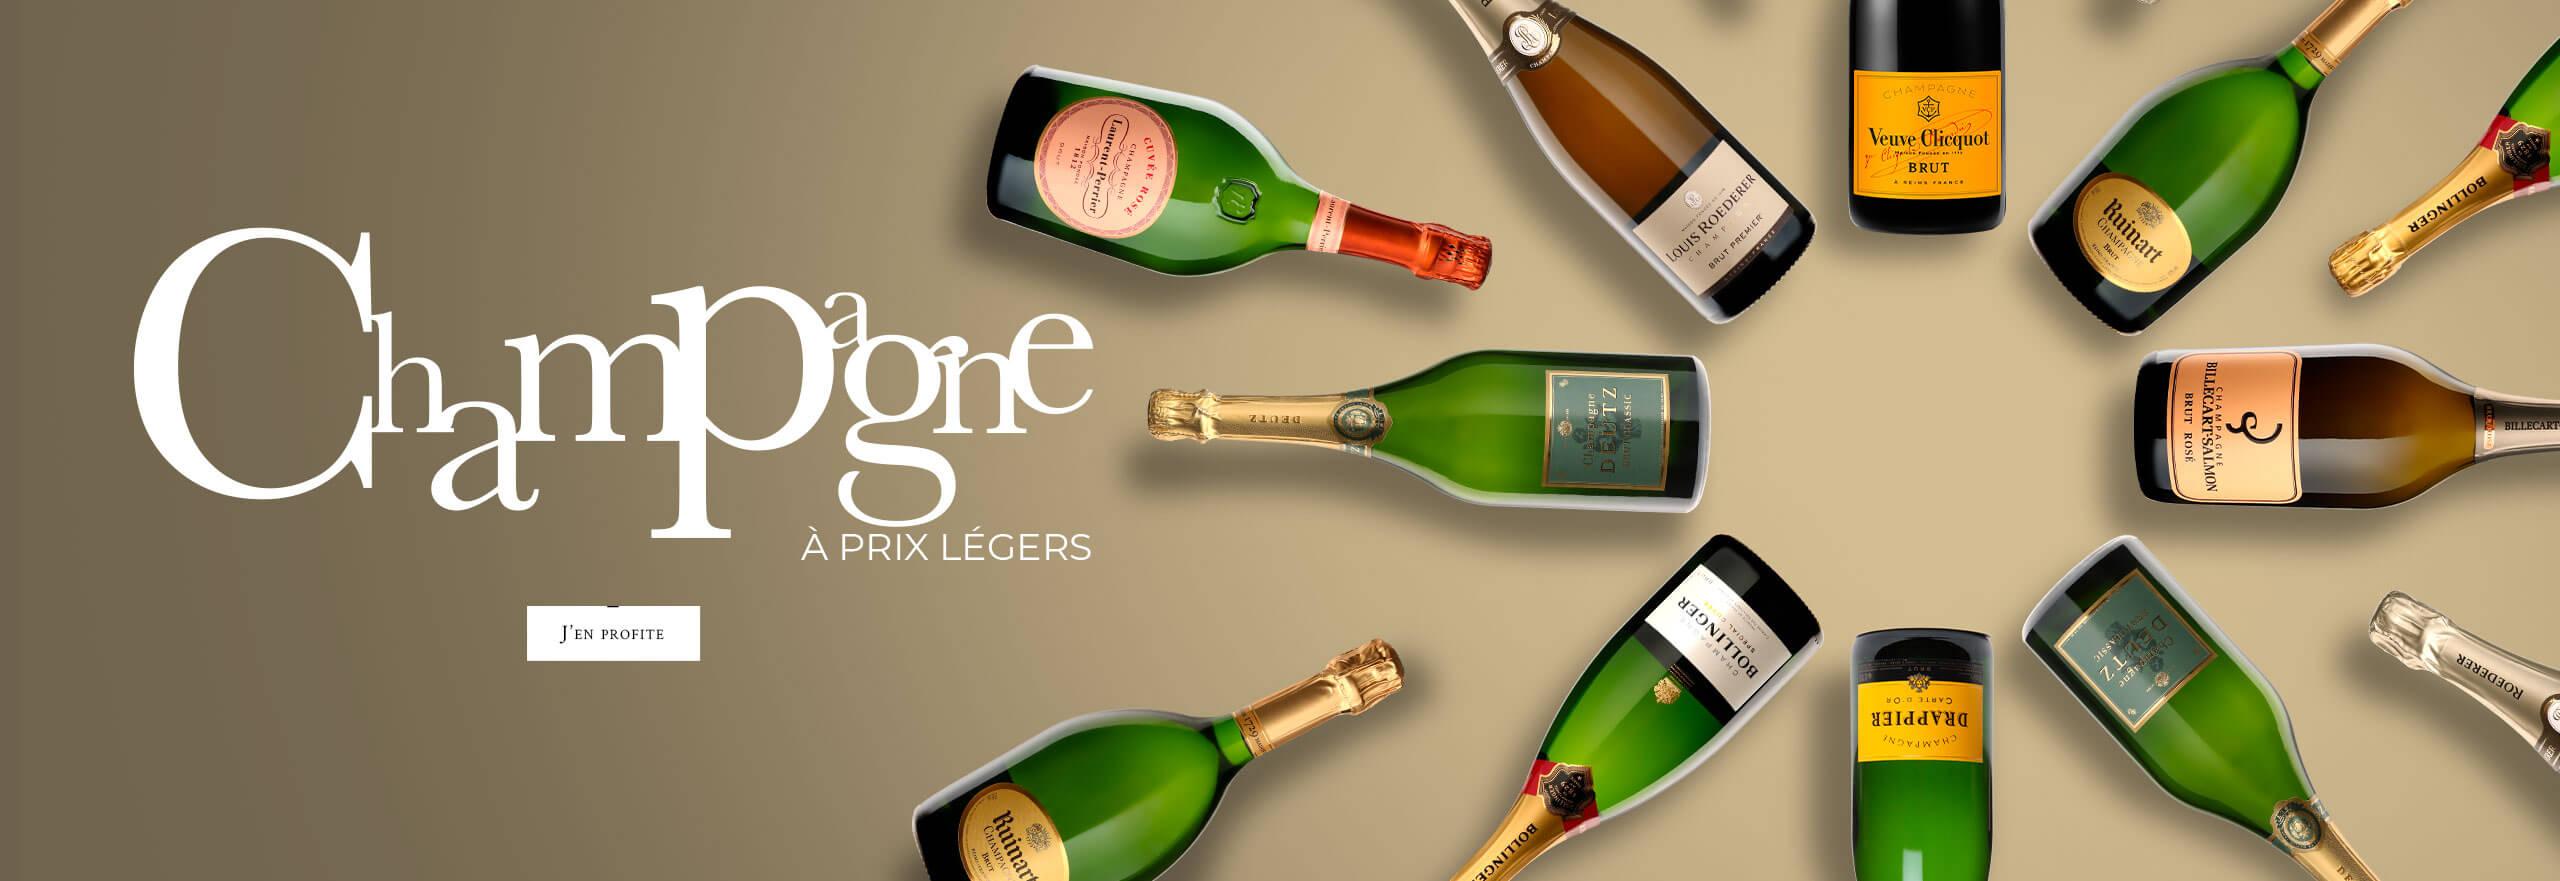 Champagne à prix légers